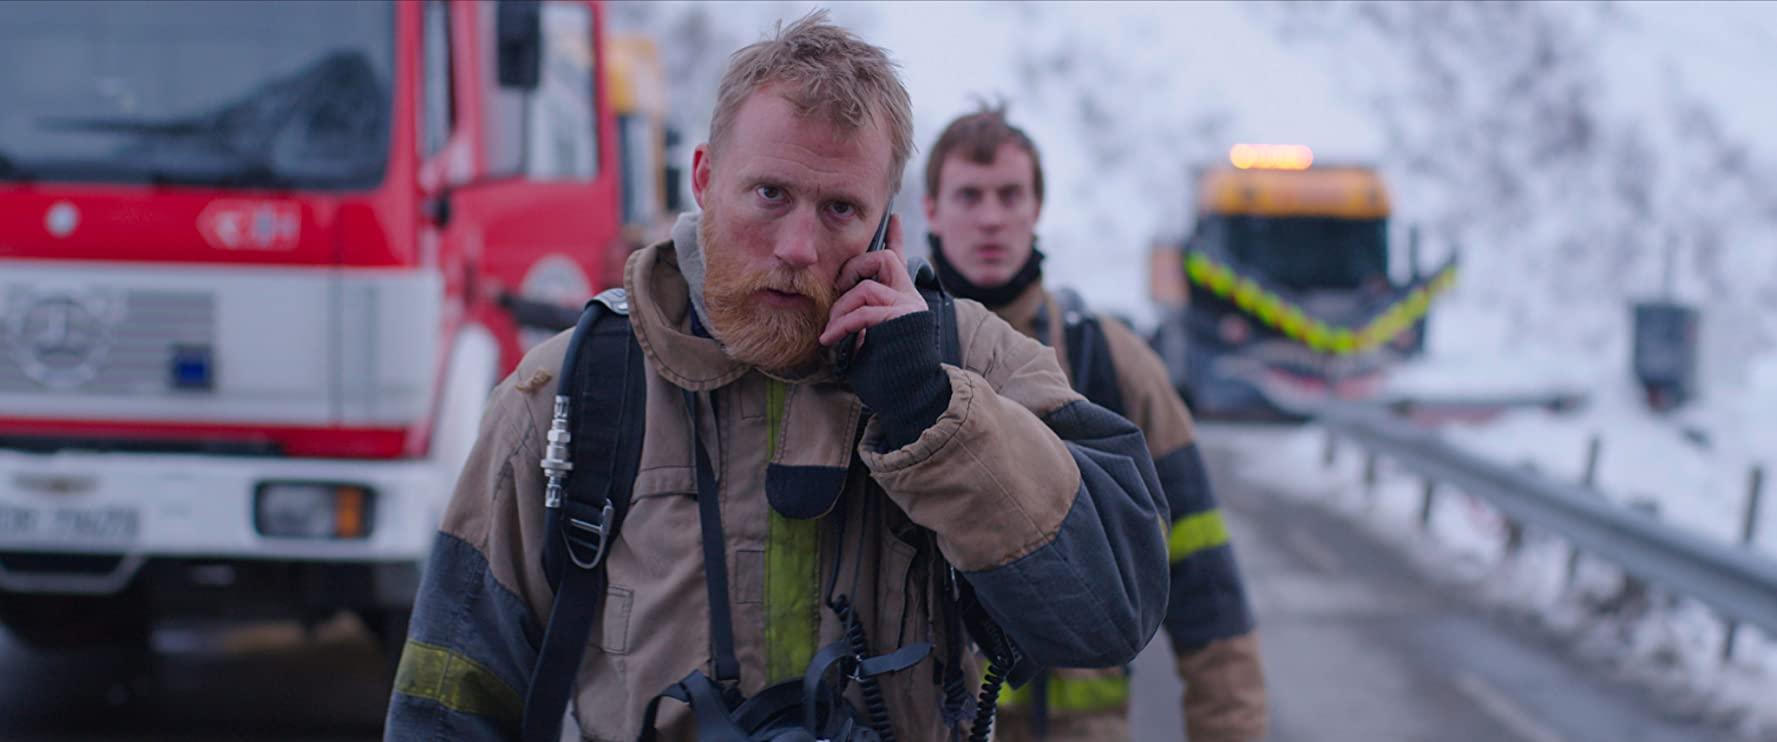 Cena do filme 'O Túnel', produção de ação do cinema nórdico